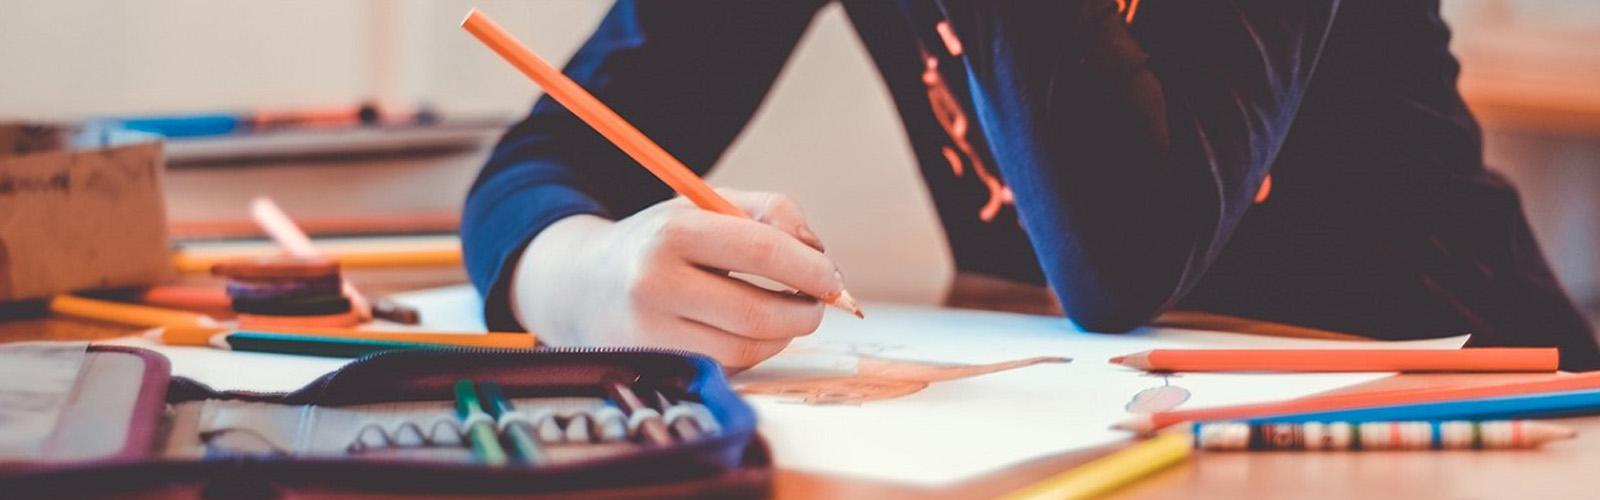 Planejamento: Como estudar de maneira objetiva